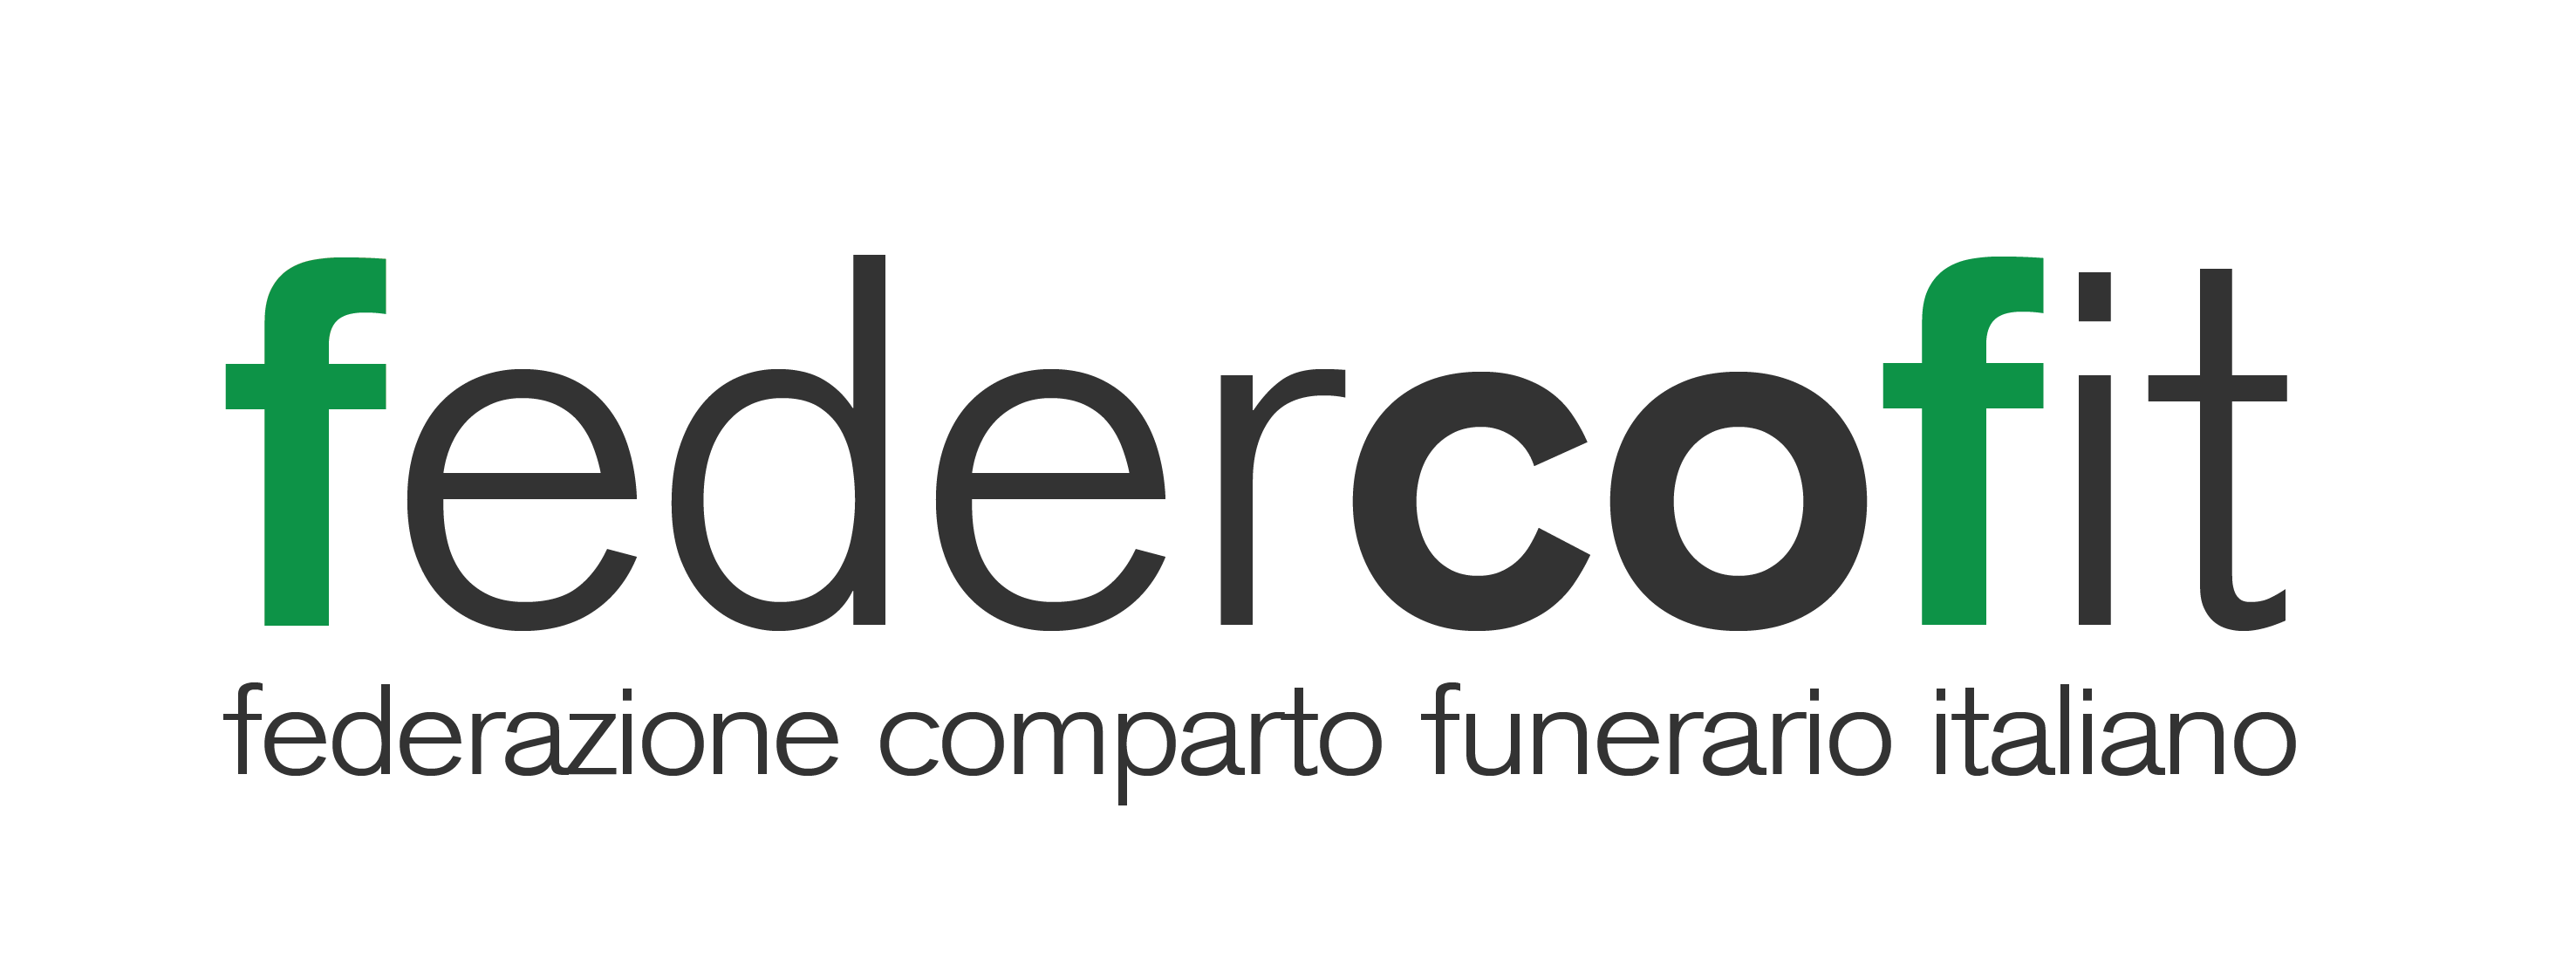 Federcofit